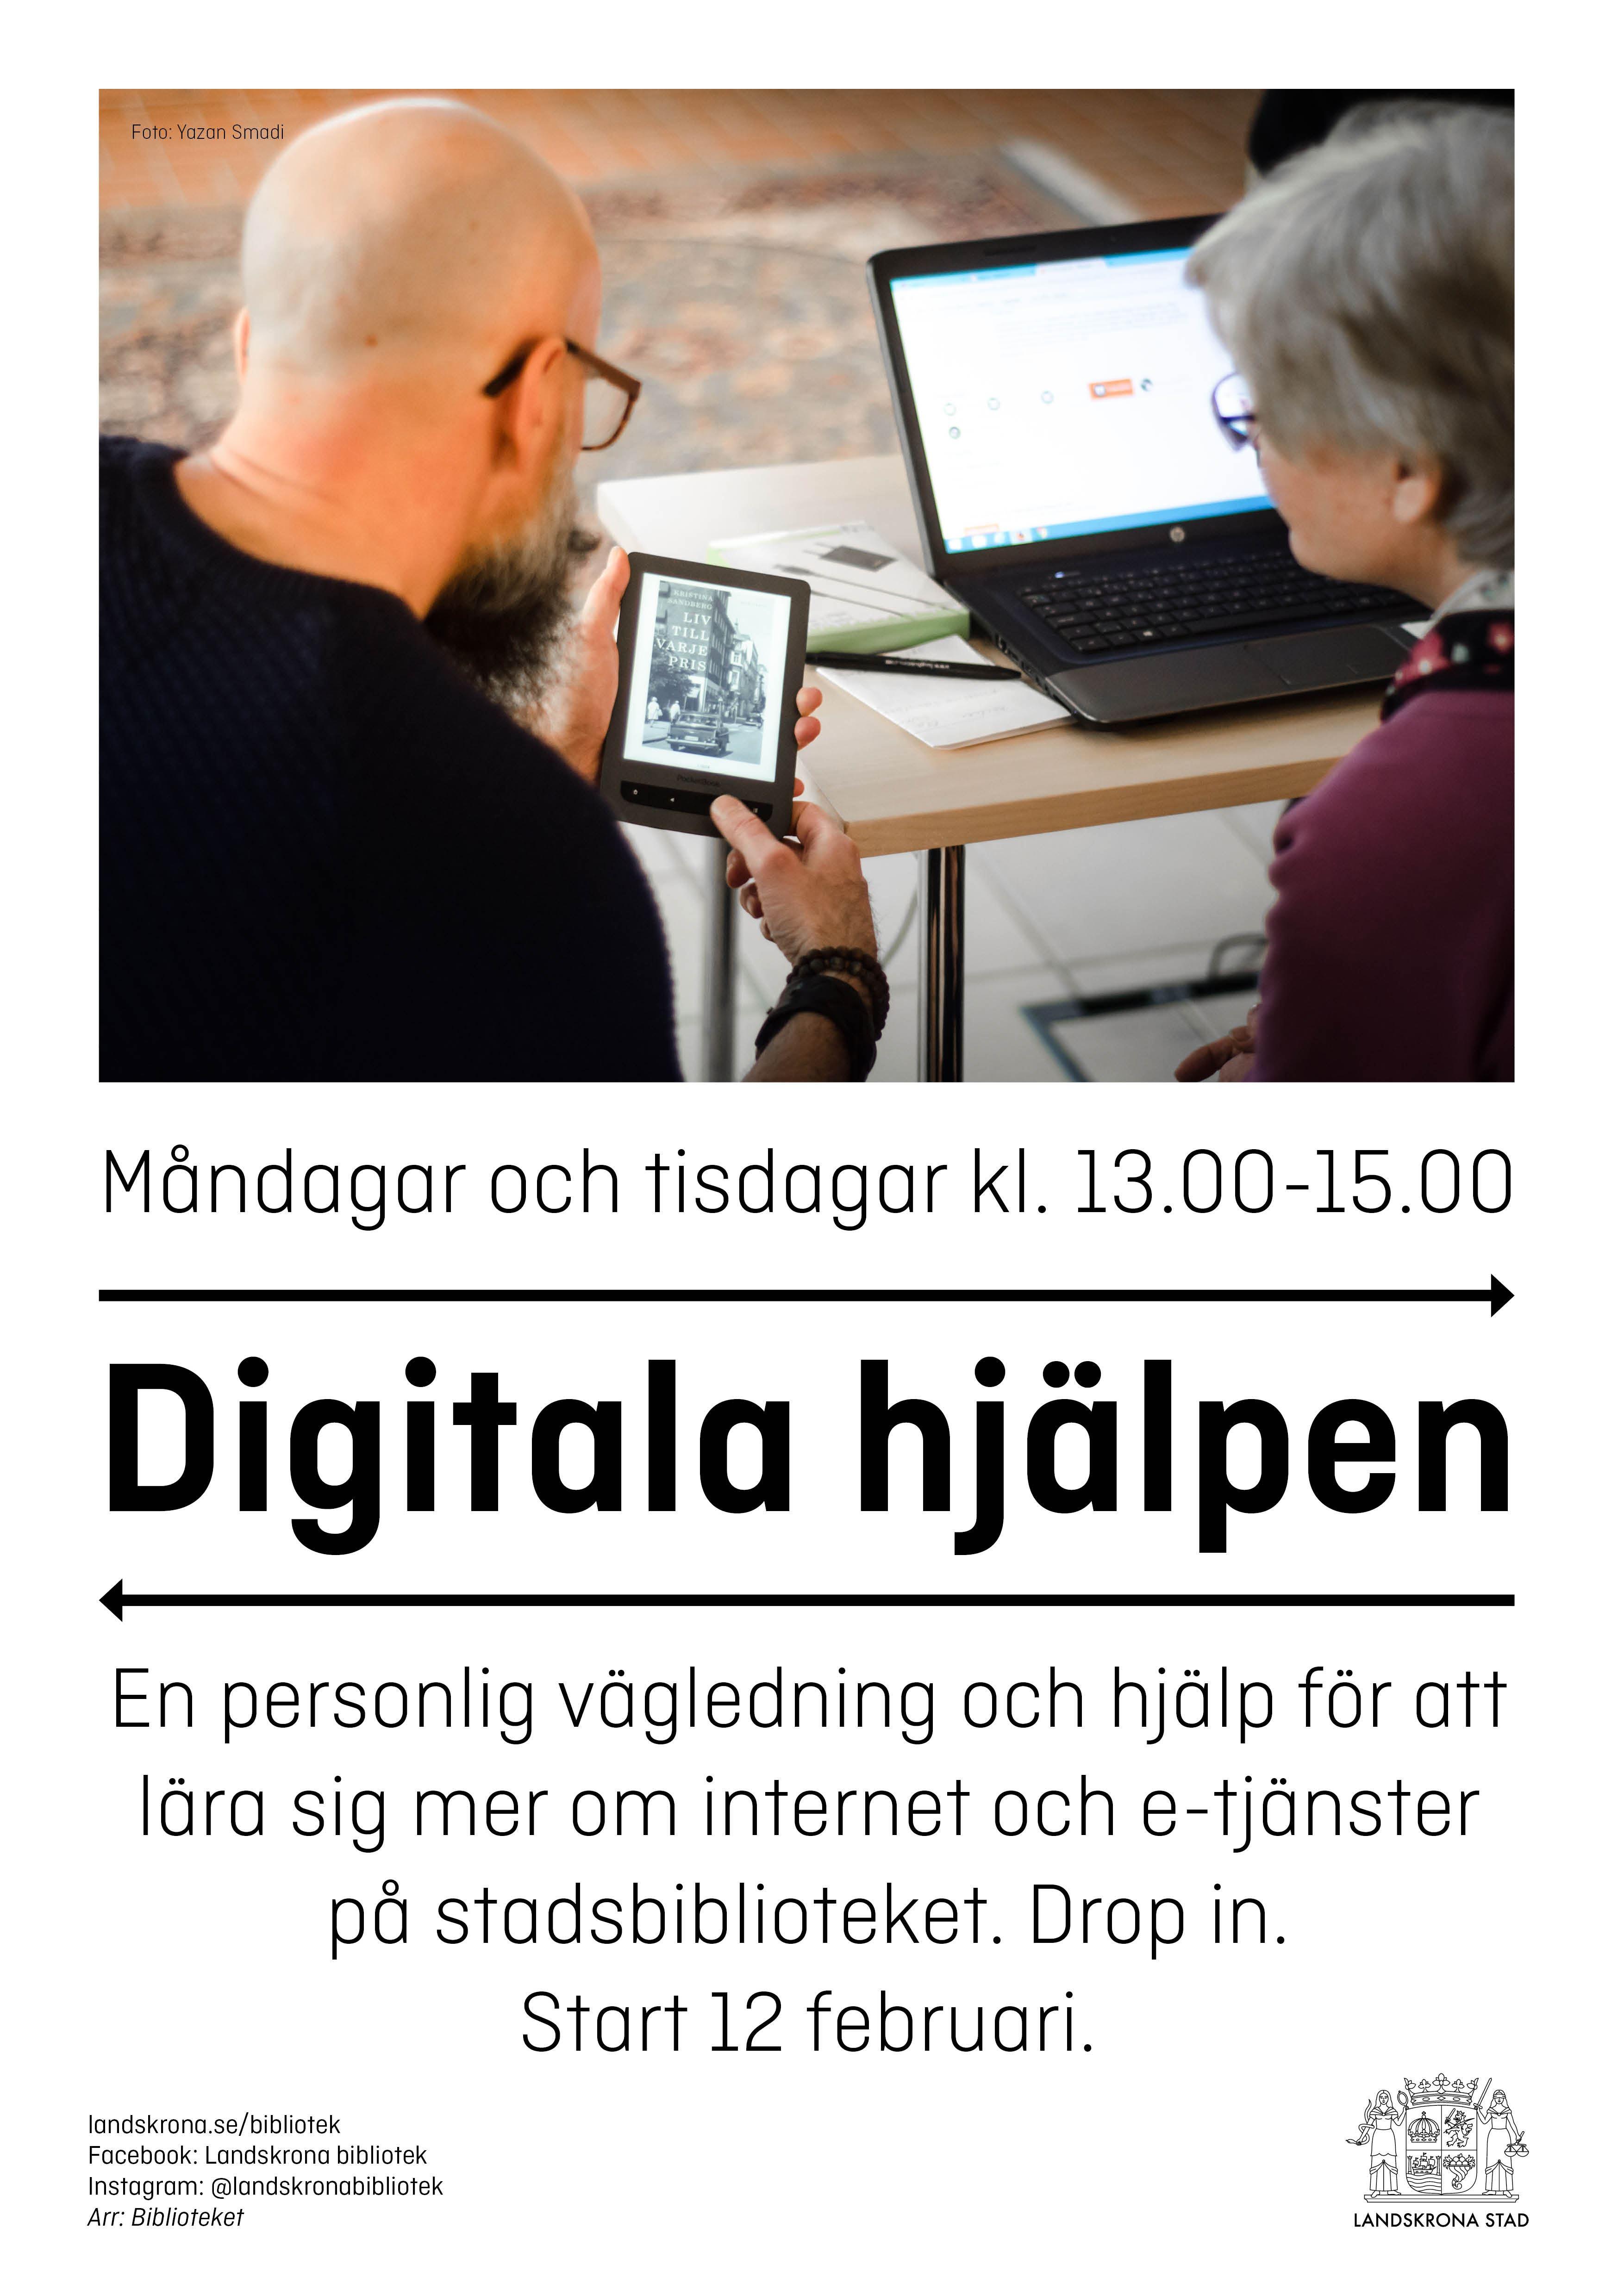 Digitala hjälpen